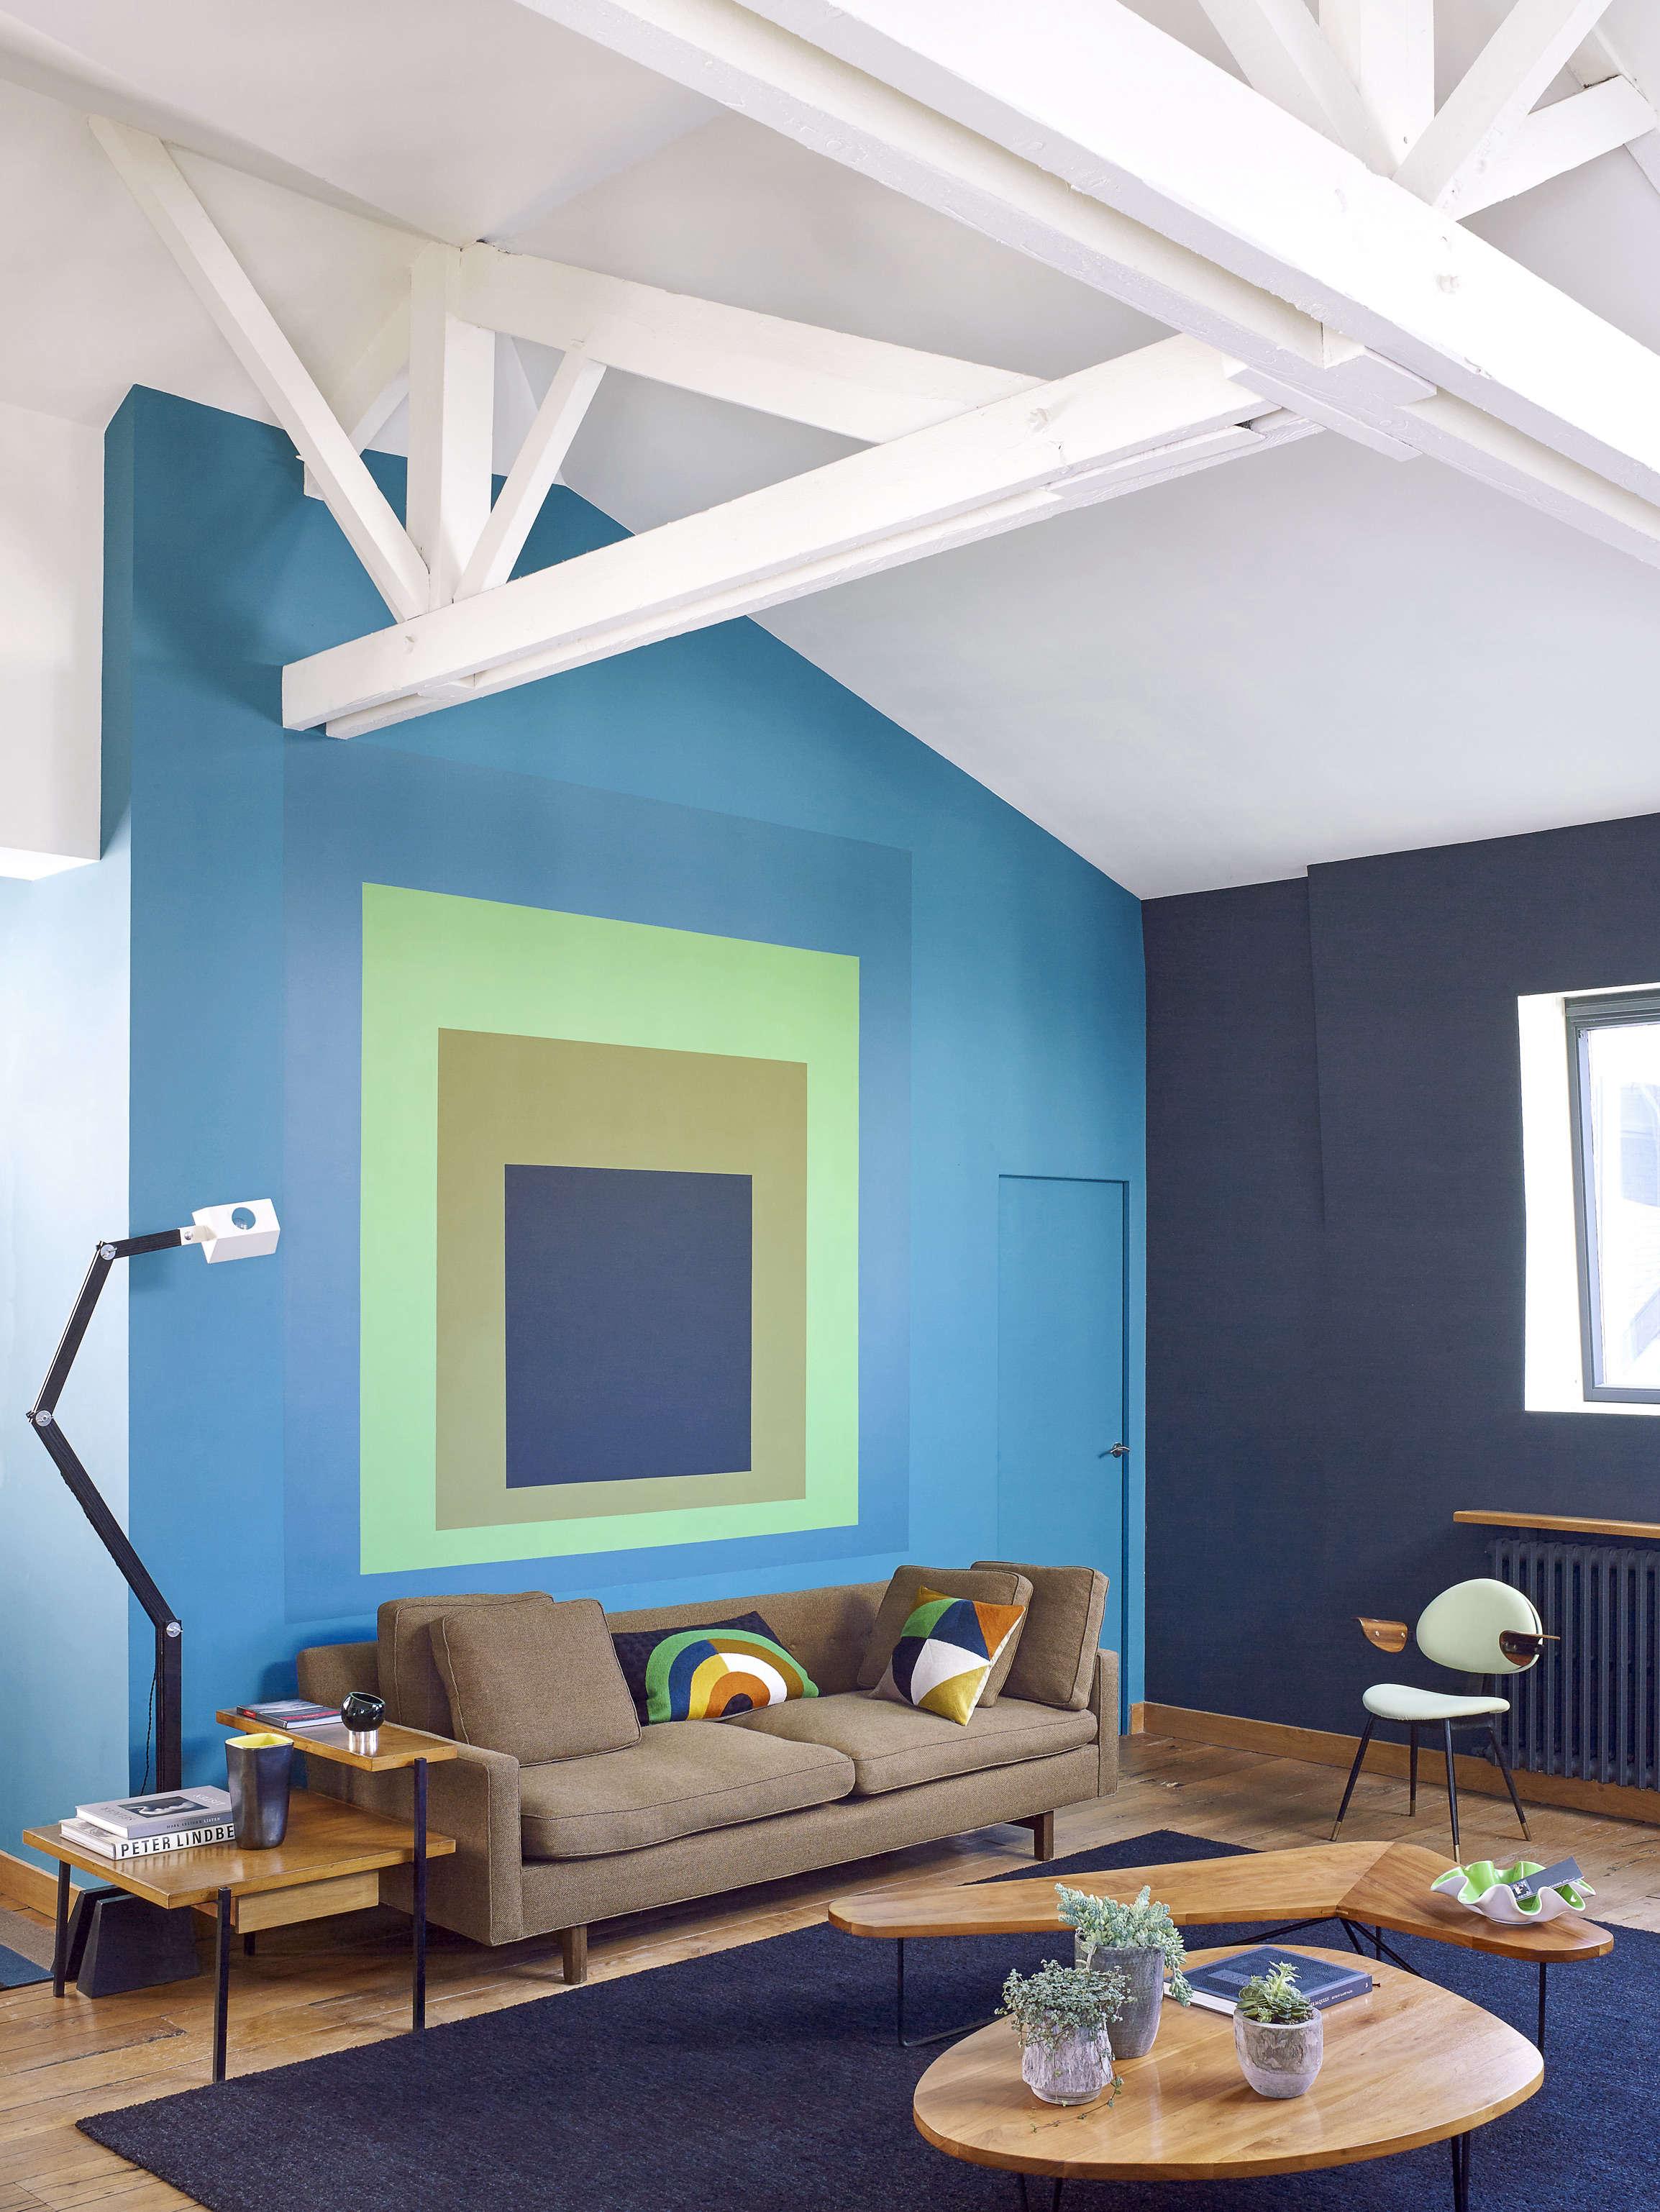 Florence-Lopez-Paris-loft-for-Natacha-Senechal-Remodelista-6